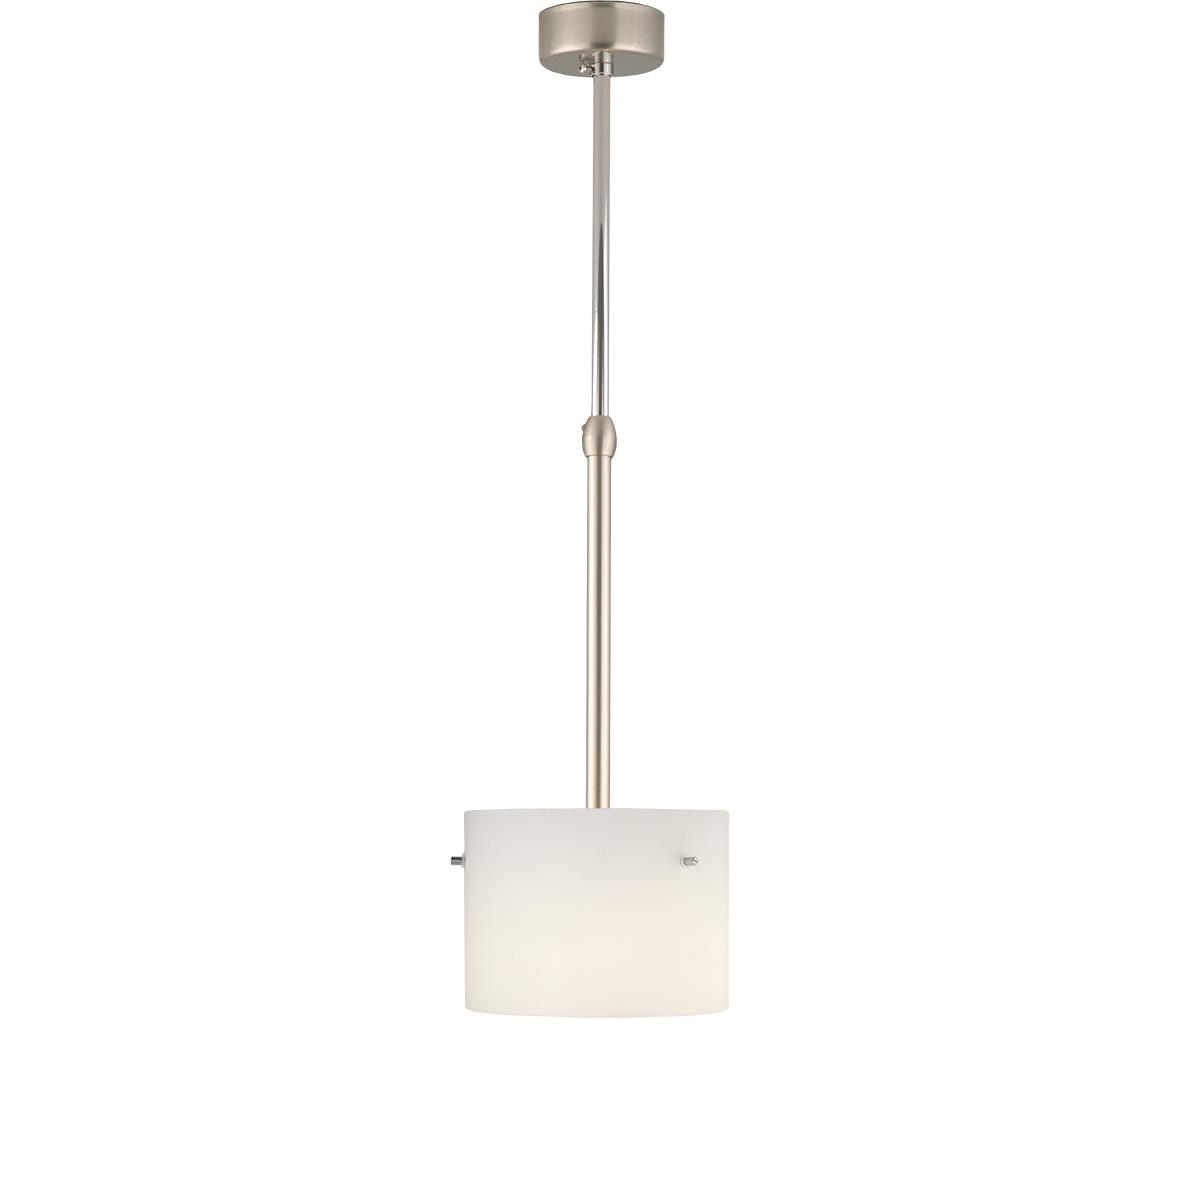 Μοντέρνο μονόφωτο Μουράνο ΚΥΛΙΝΔΡΟΙ modern Murano suspension lamp